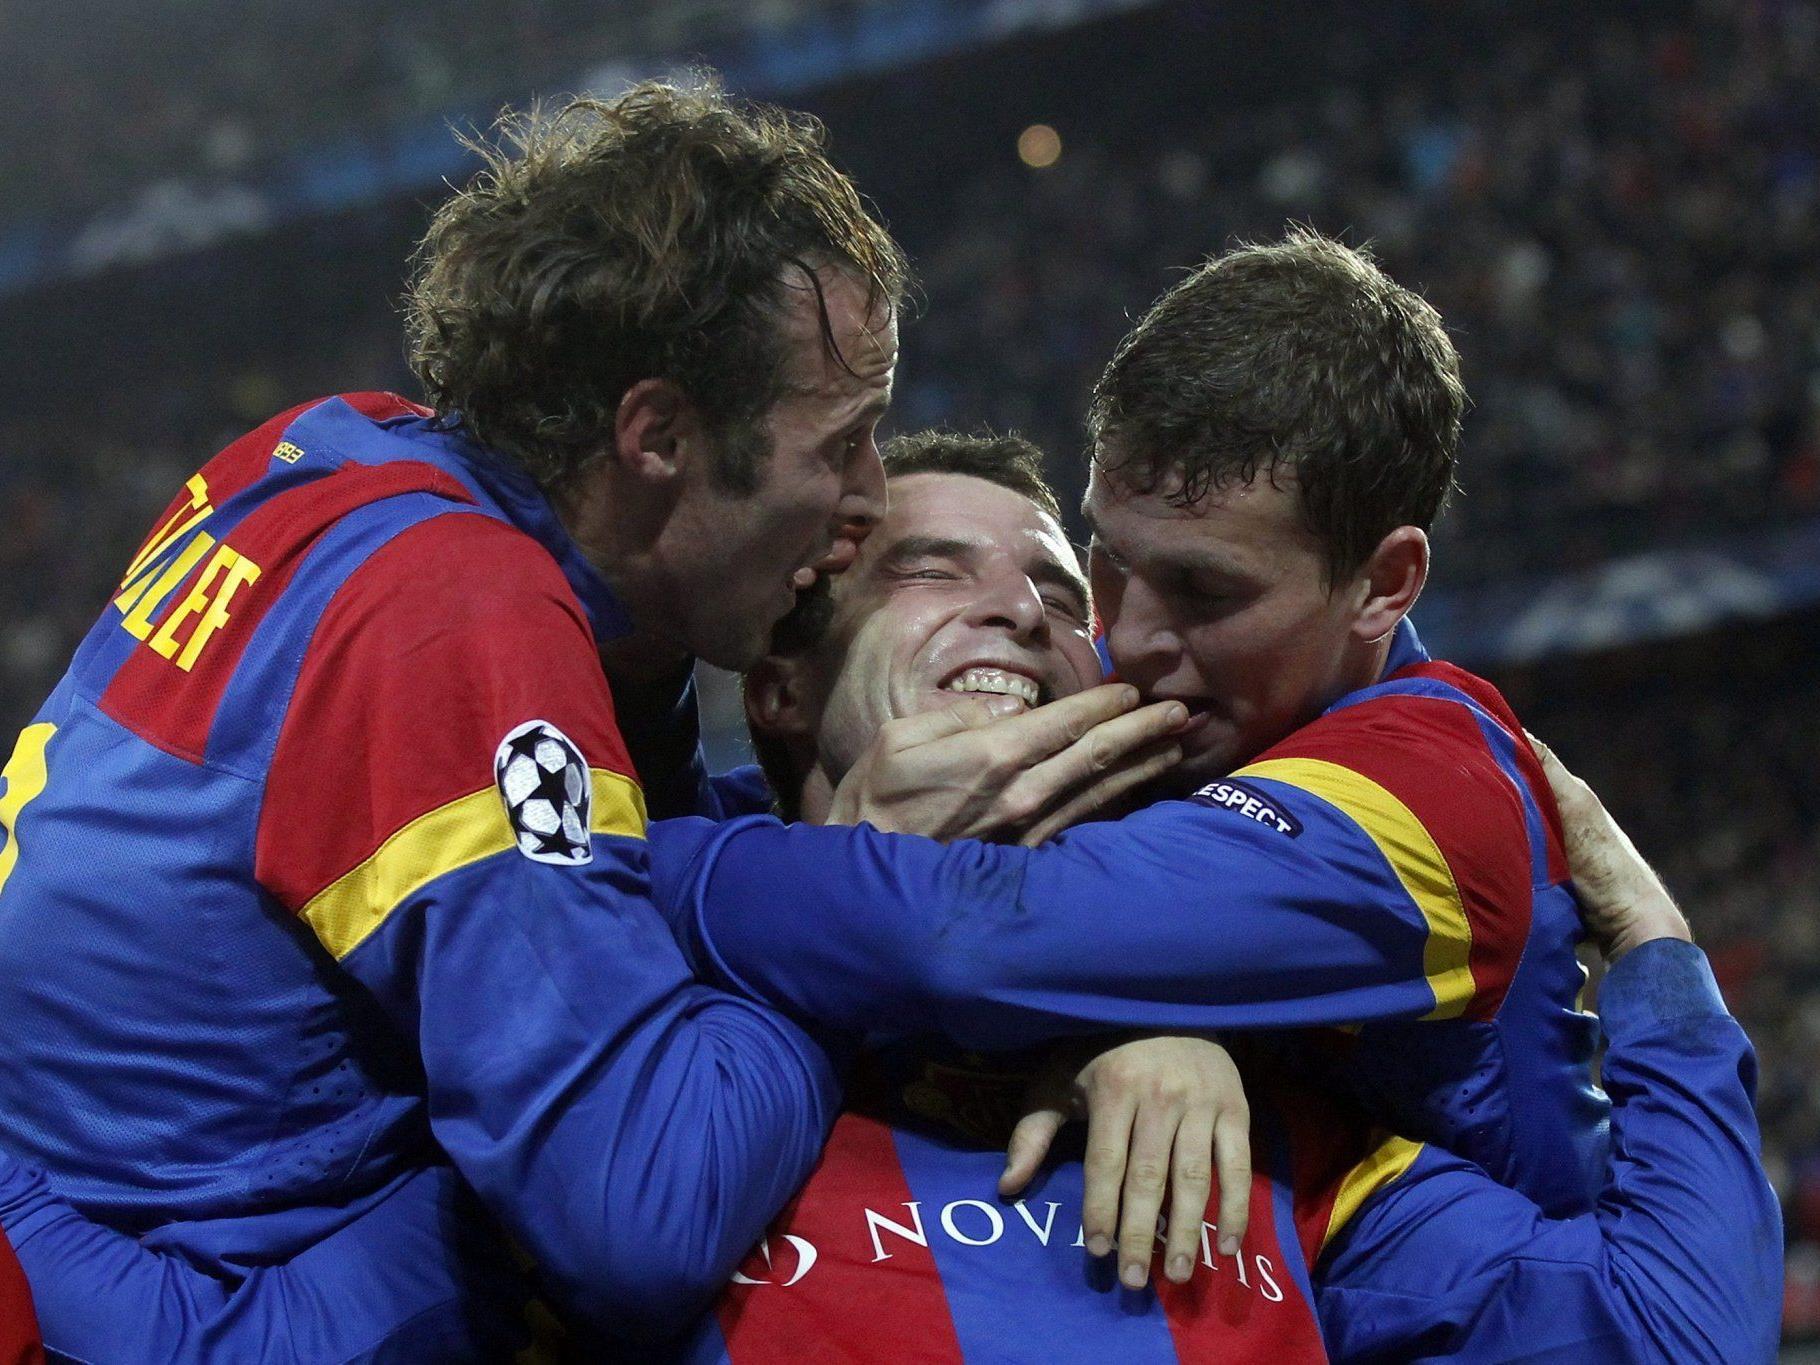 Der FC Basel hat seine Chance genutzt. Die Clubs aus Manchester enttäuschten dagegen ihre Fans.